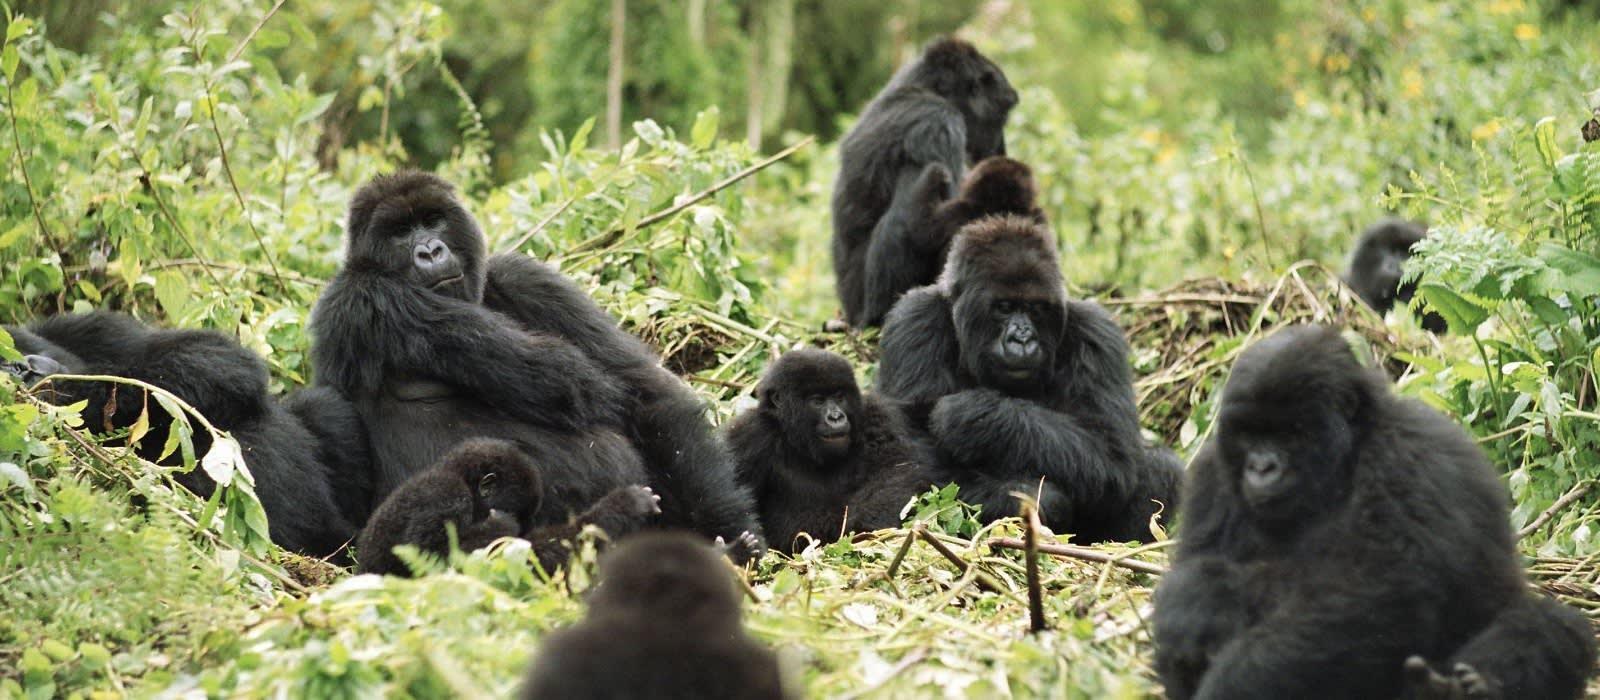 Gorilla Trekking in Rwanda Tour Trip 1